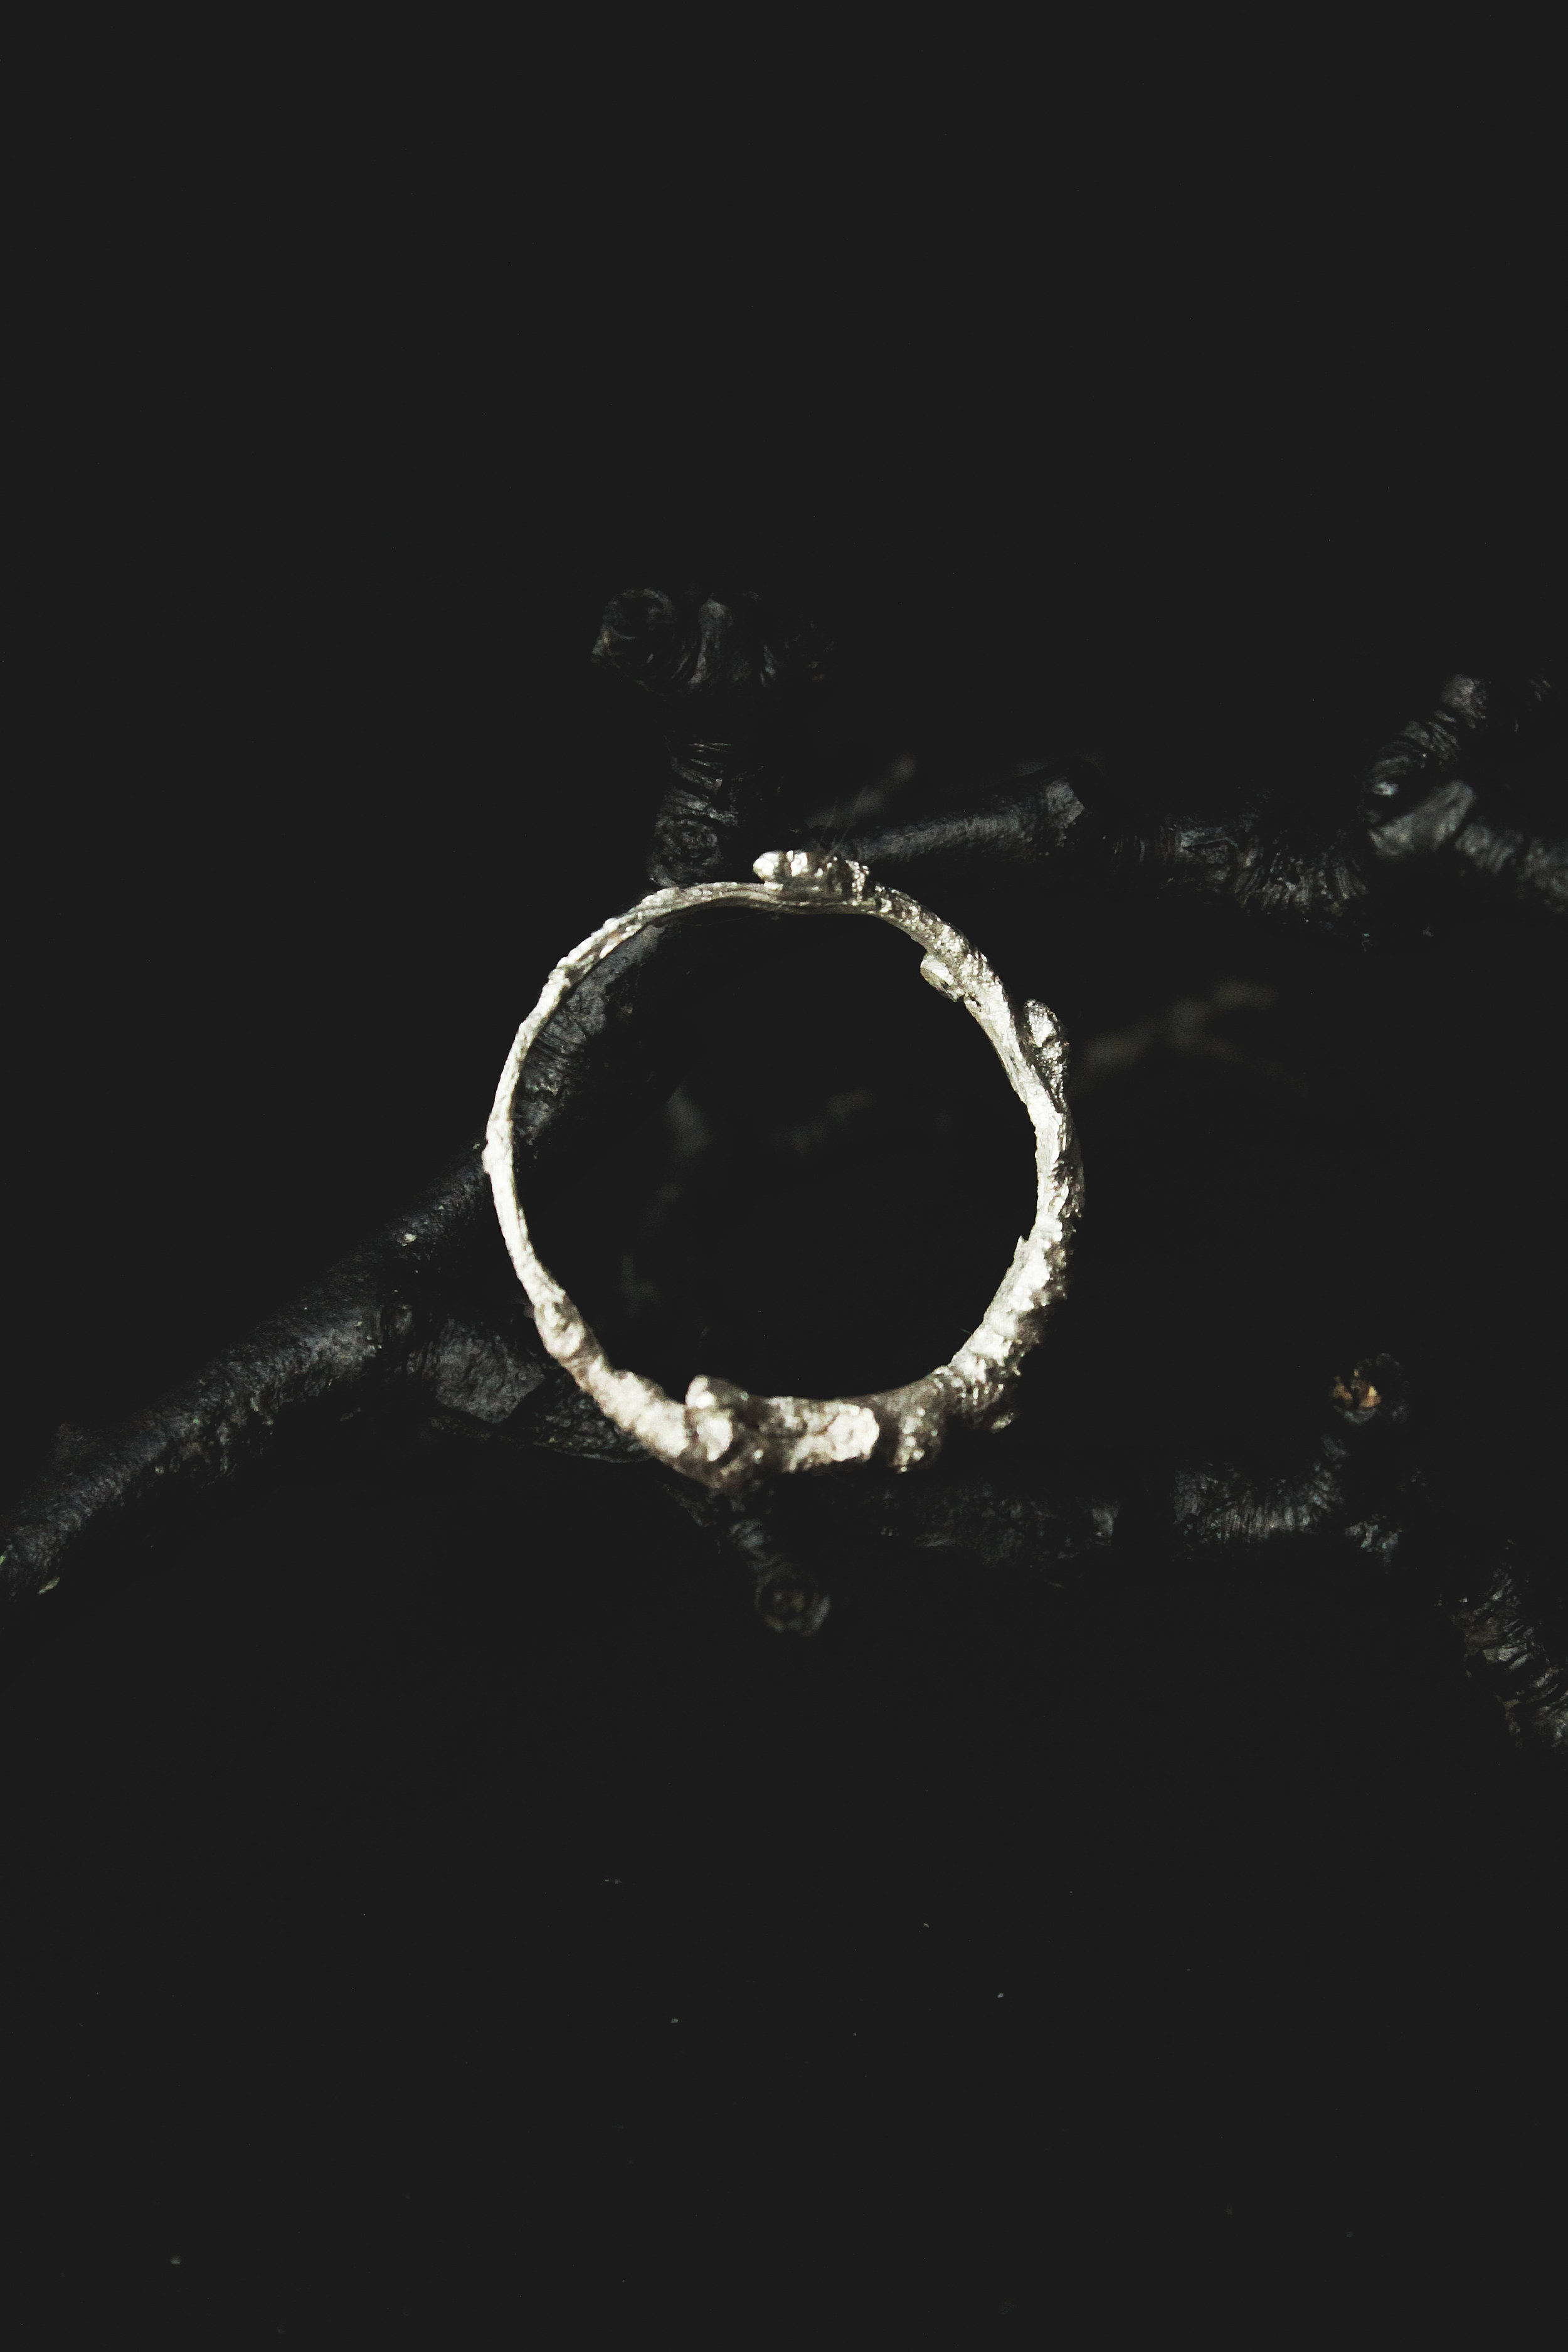 Smaller Rings